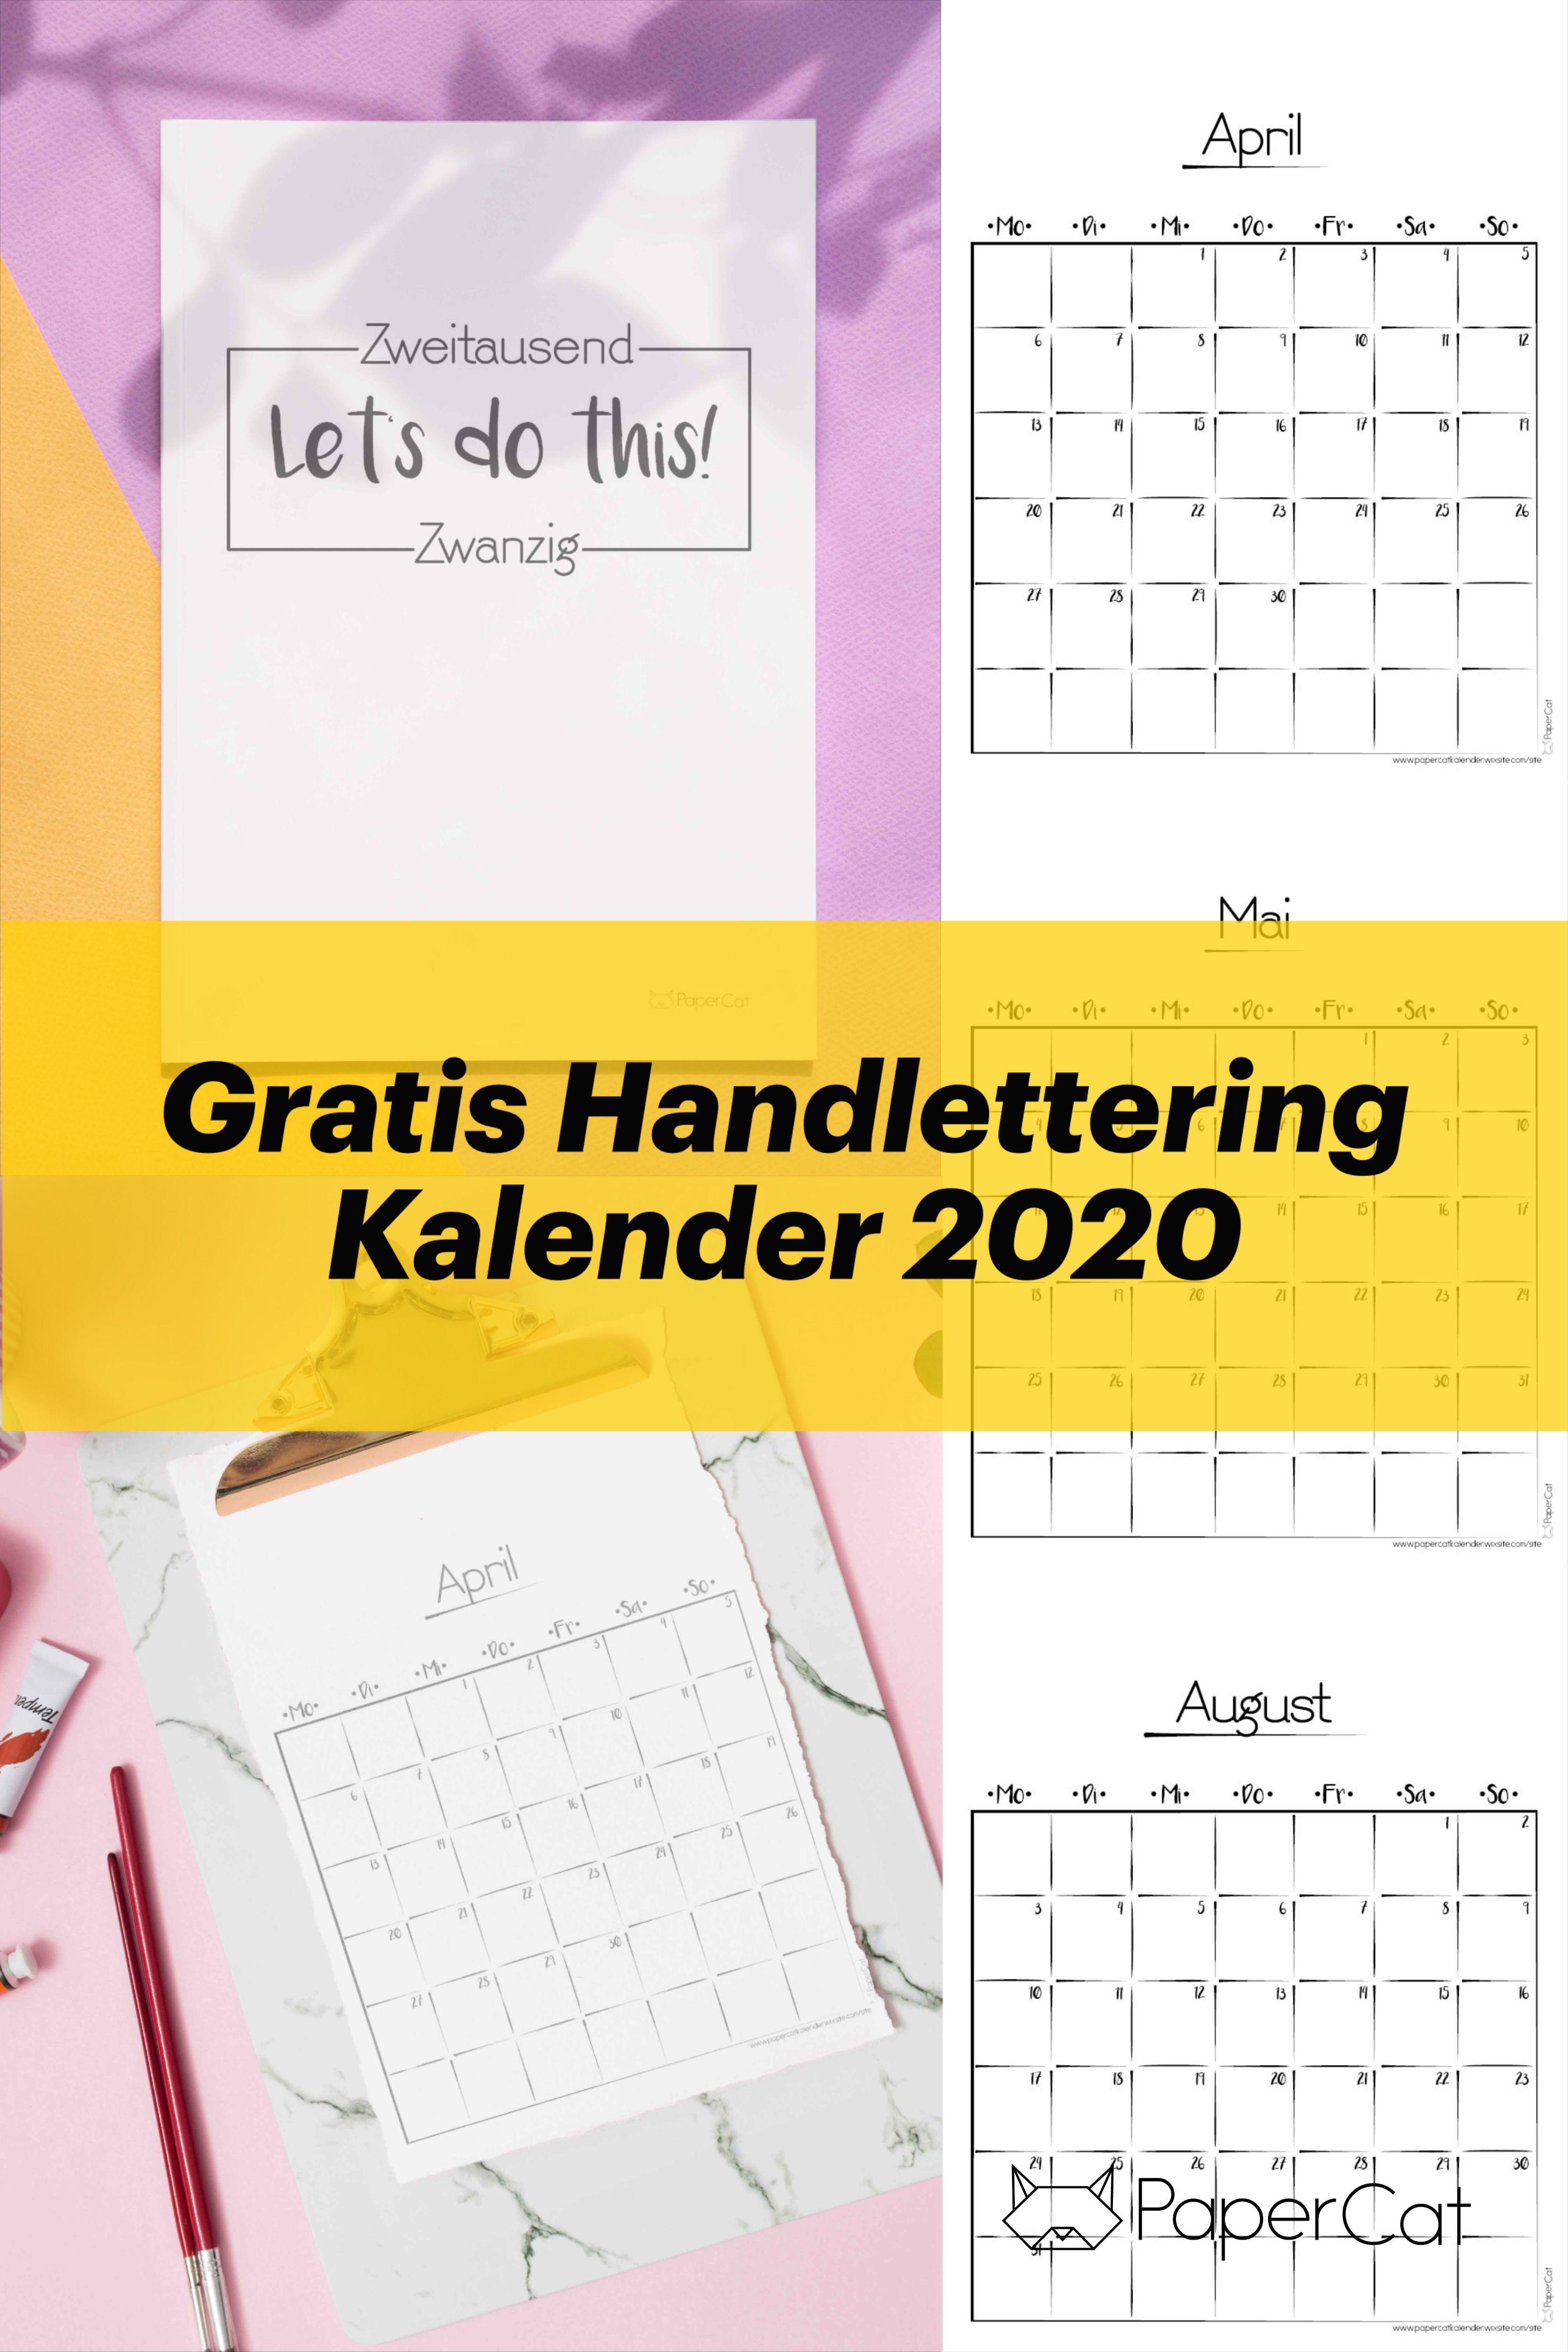 Pin Von Stefanie Naleppa Auf Plotten In 2020 Kostenlose Kalender Kalender Zum Ausdrucken Gratis Kalender